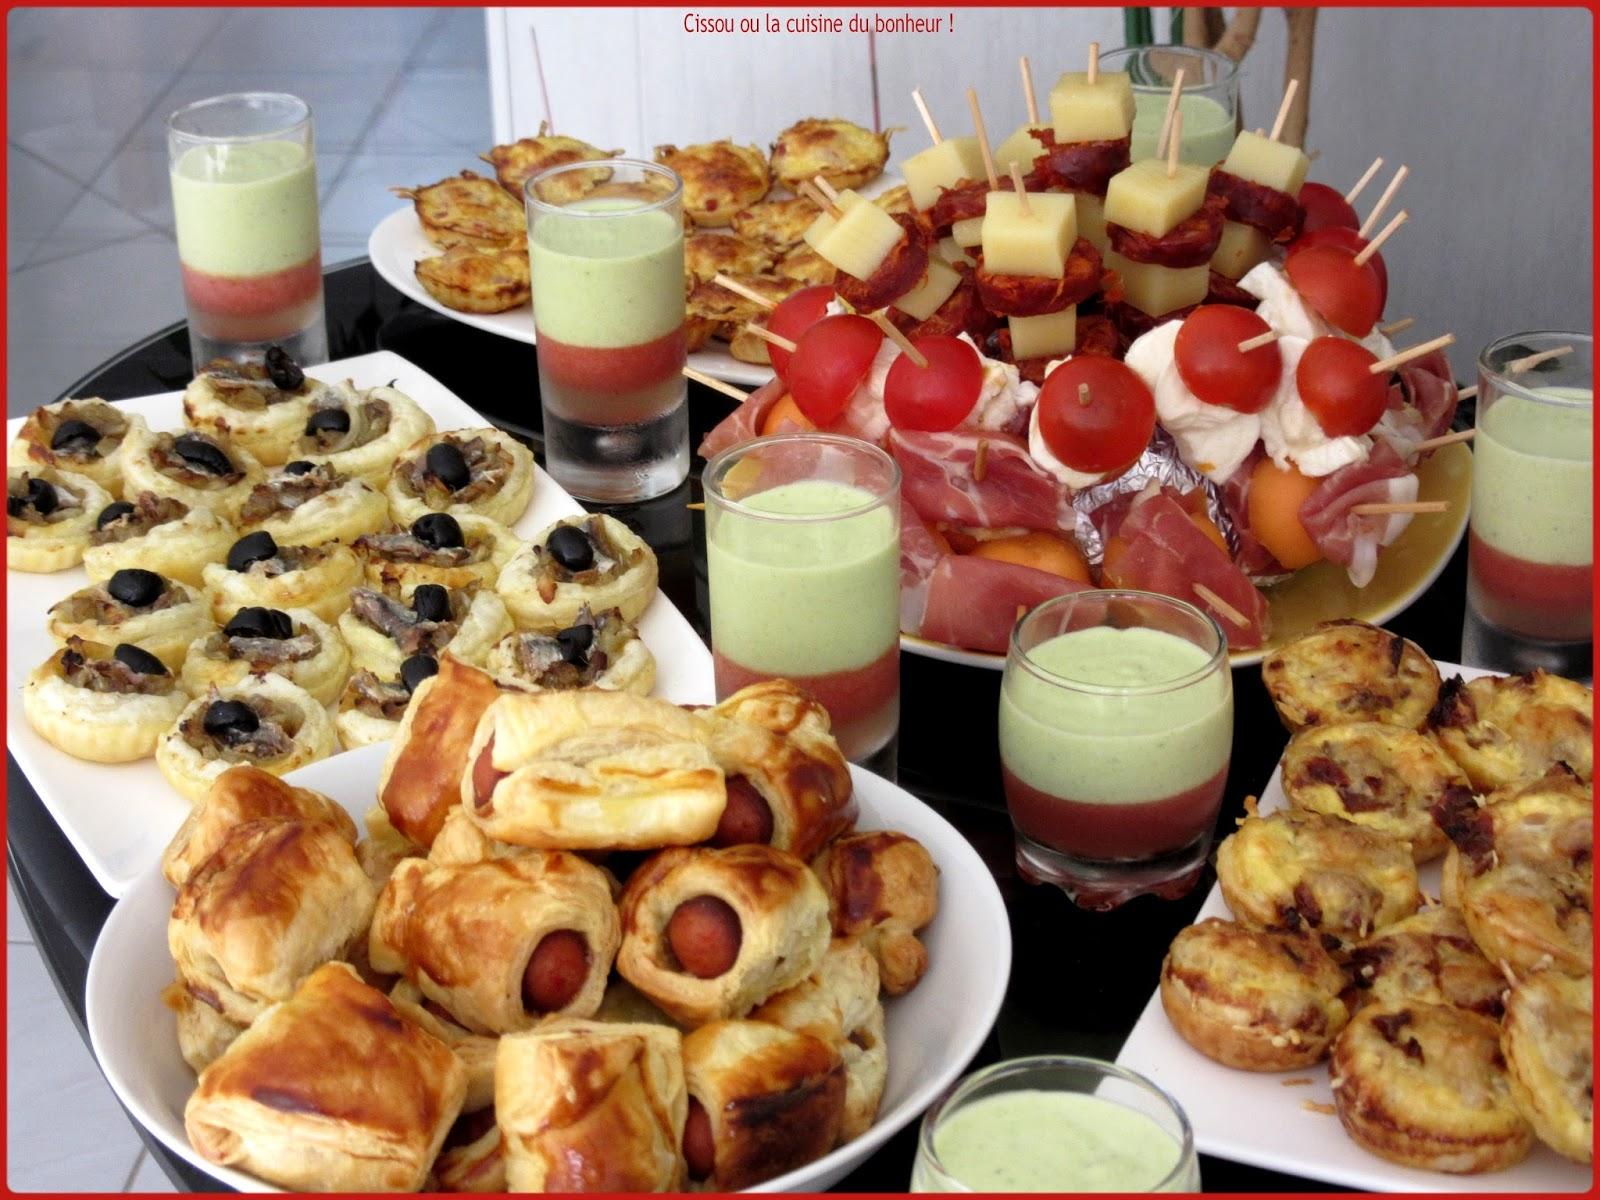 Cissou ou la cuisine du bonheur buffet ap ritif - La cuisine du bonheur thermomix ...